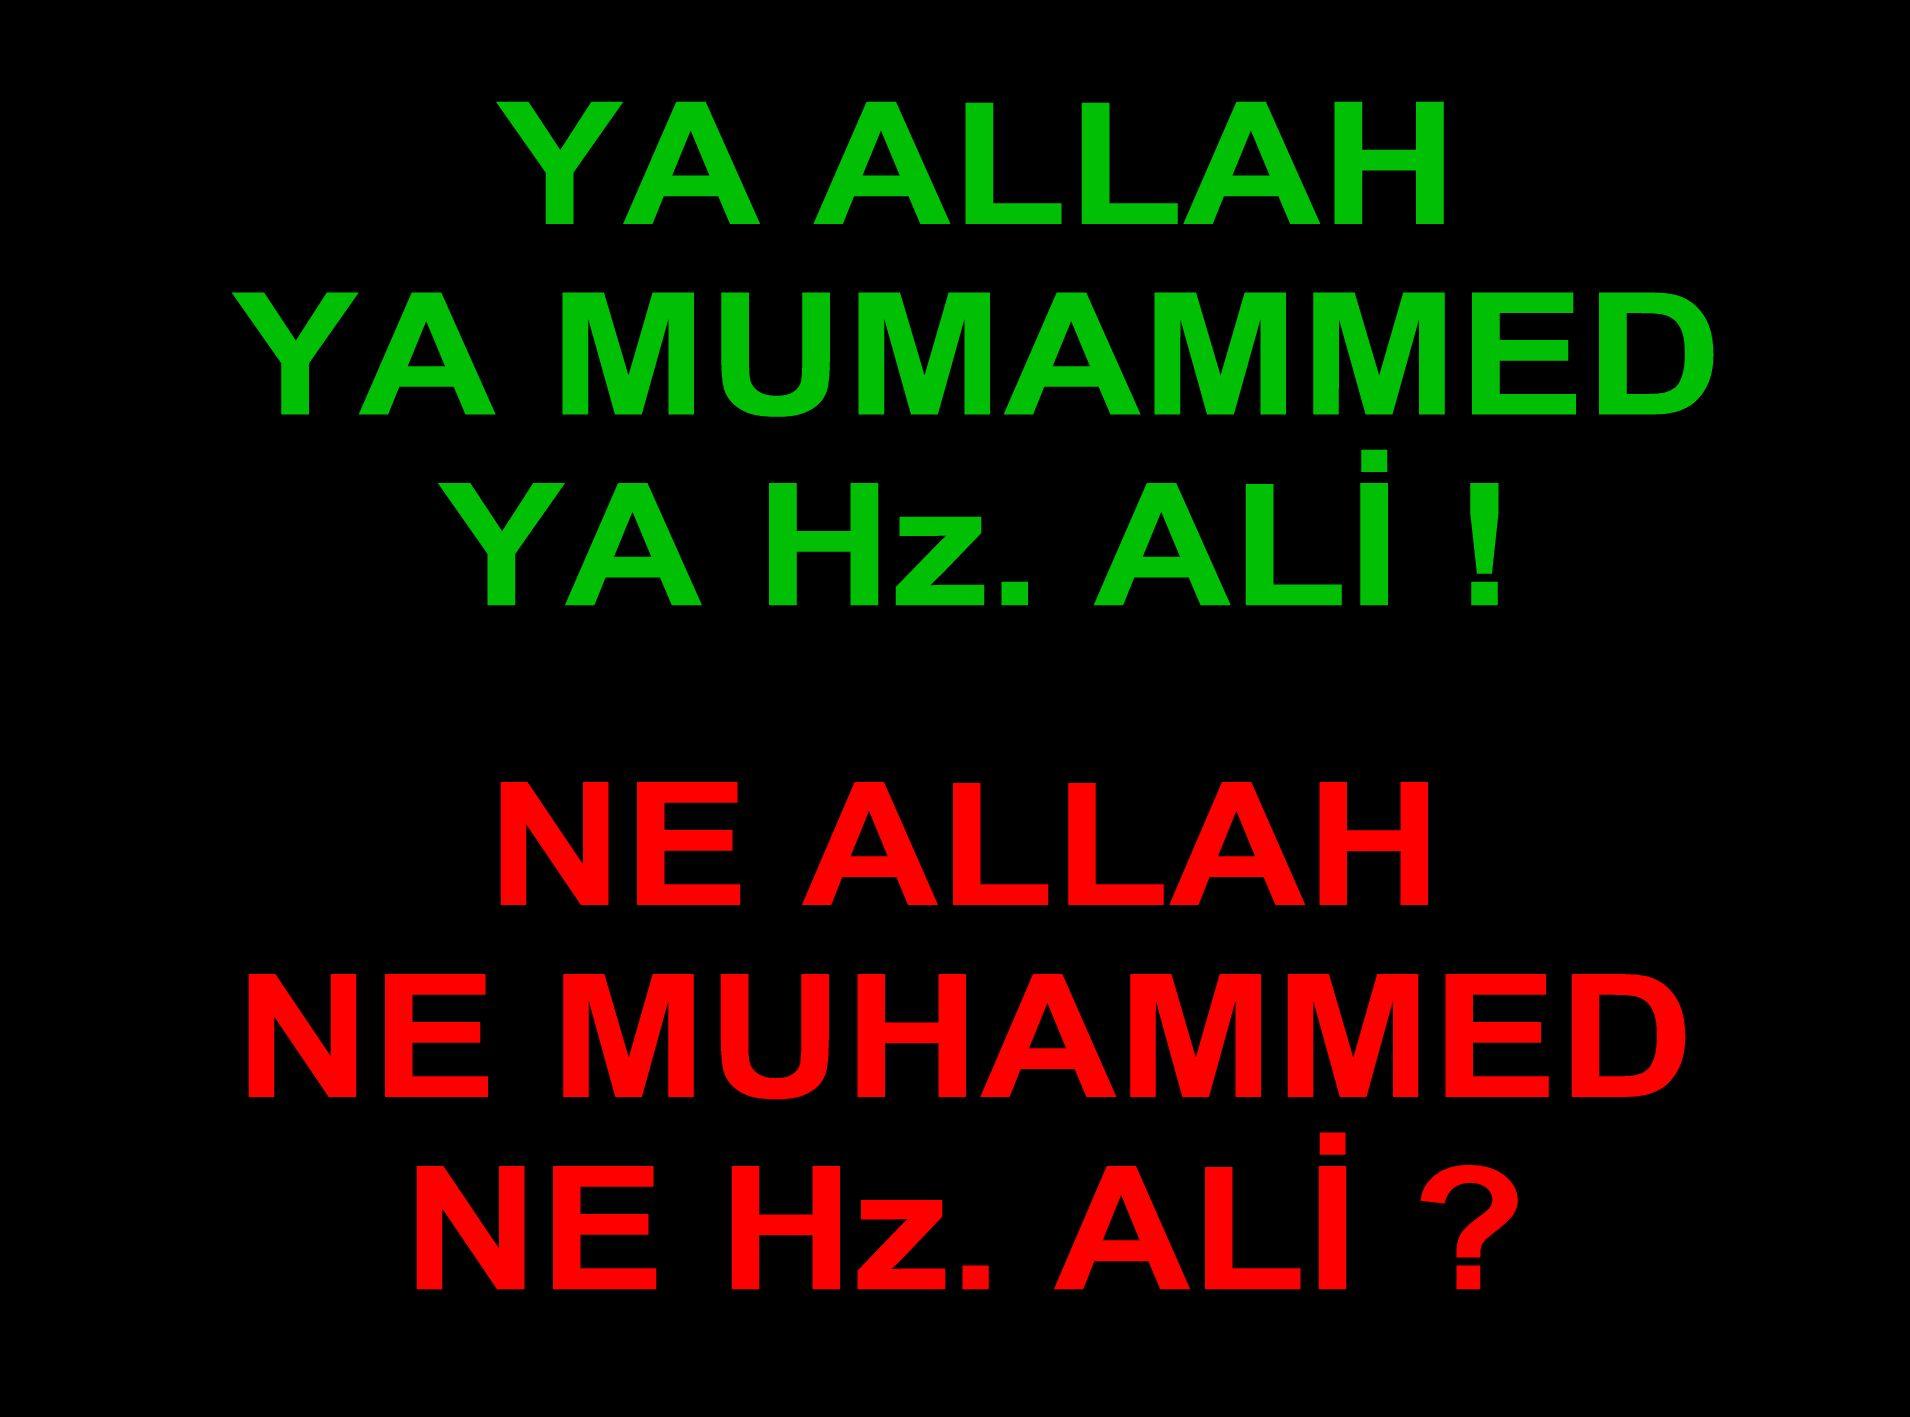 Devrimci Aleviler Birliği DAB Alevi Kızılbaş Bektaşi pir sultan cem hz Ali 12 imam semah Feramuz Şah Acar ya allah ya muhammed ya hz ali ne